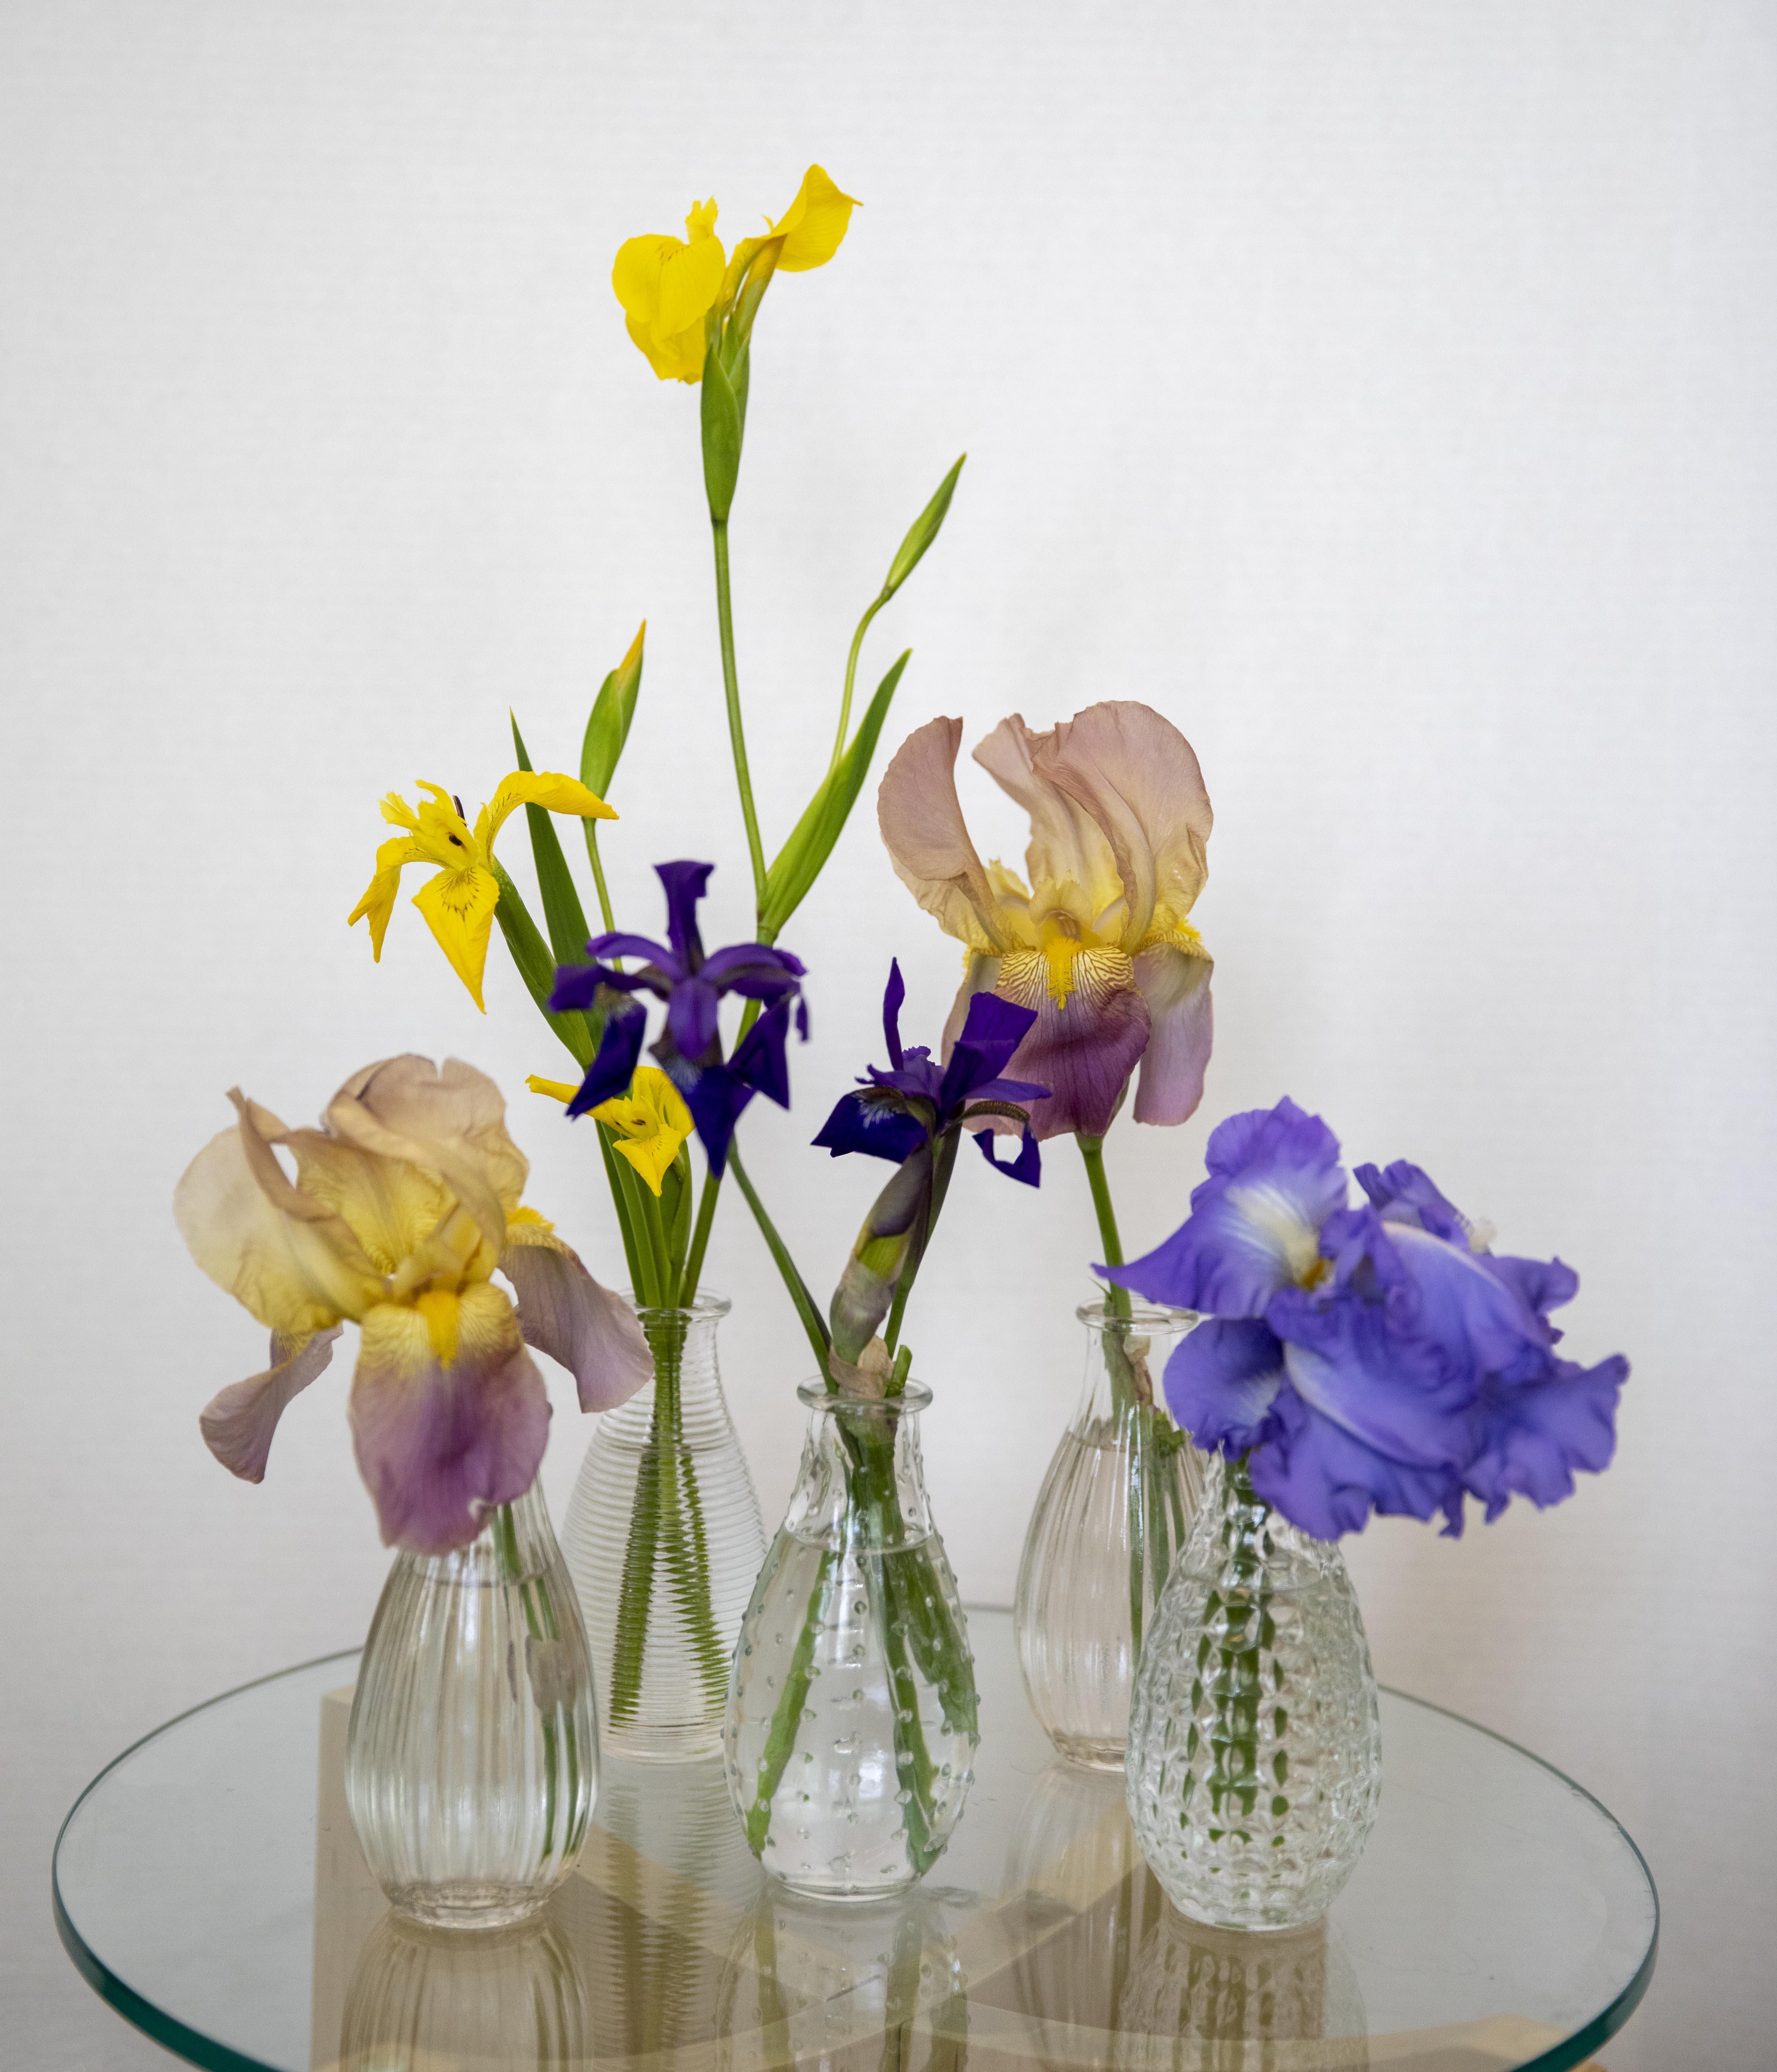 Iris 5 vases